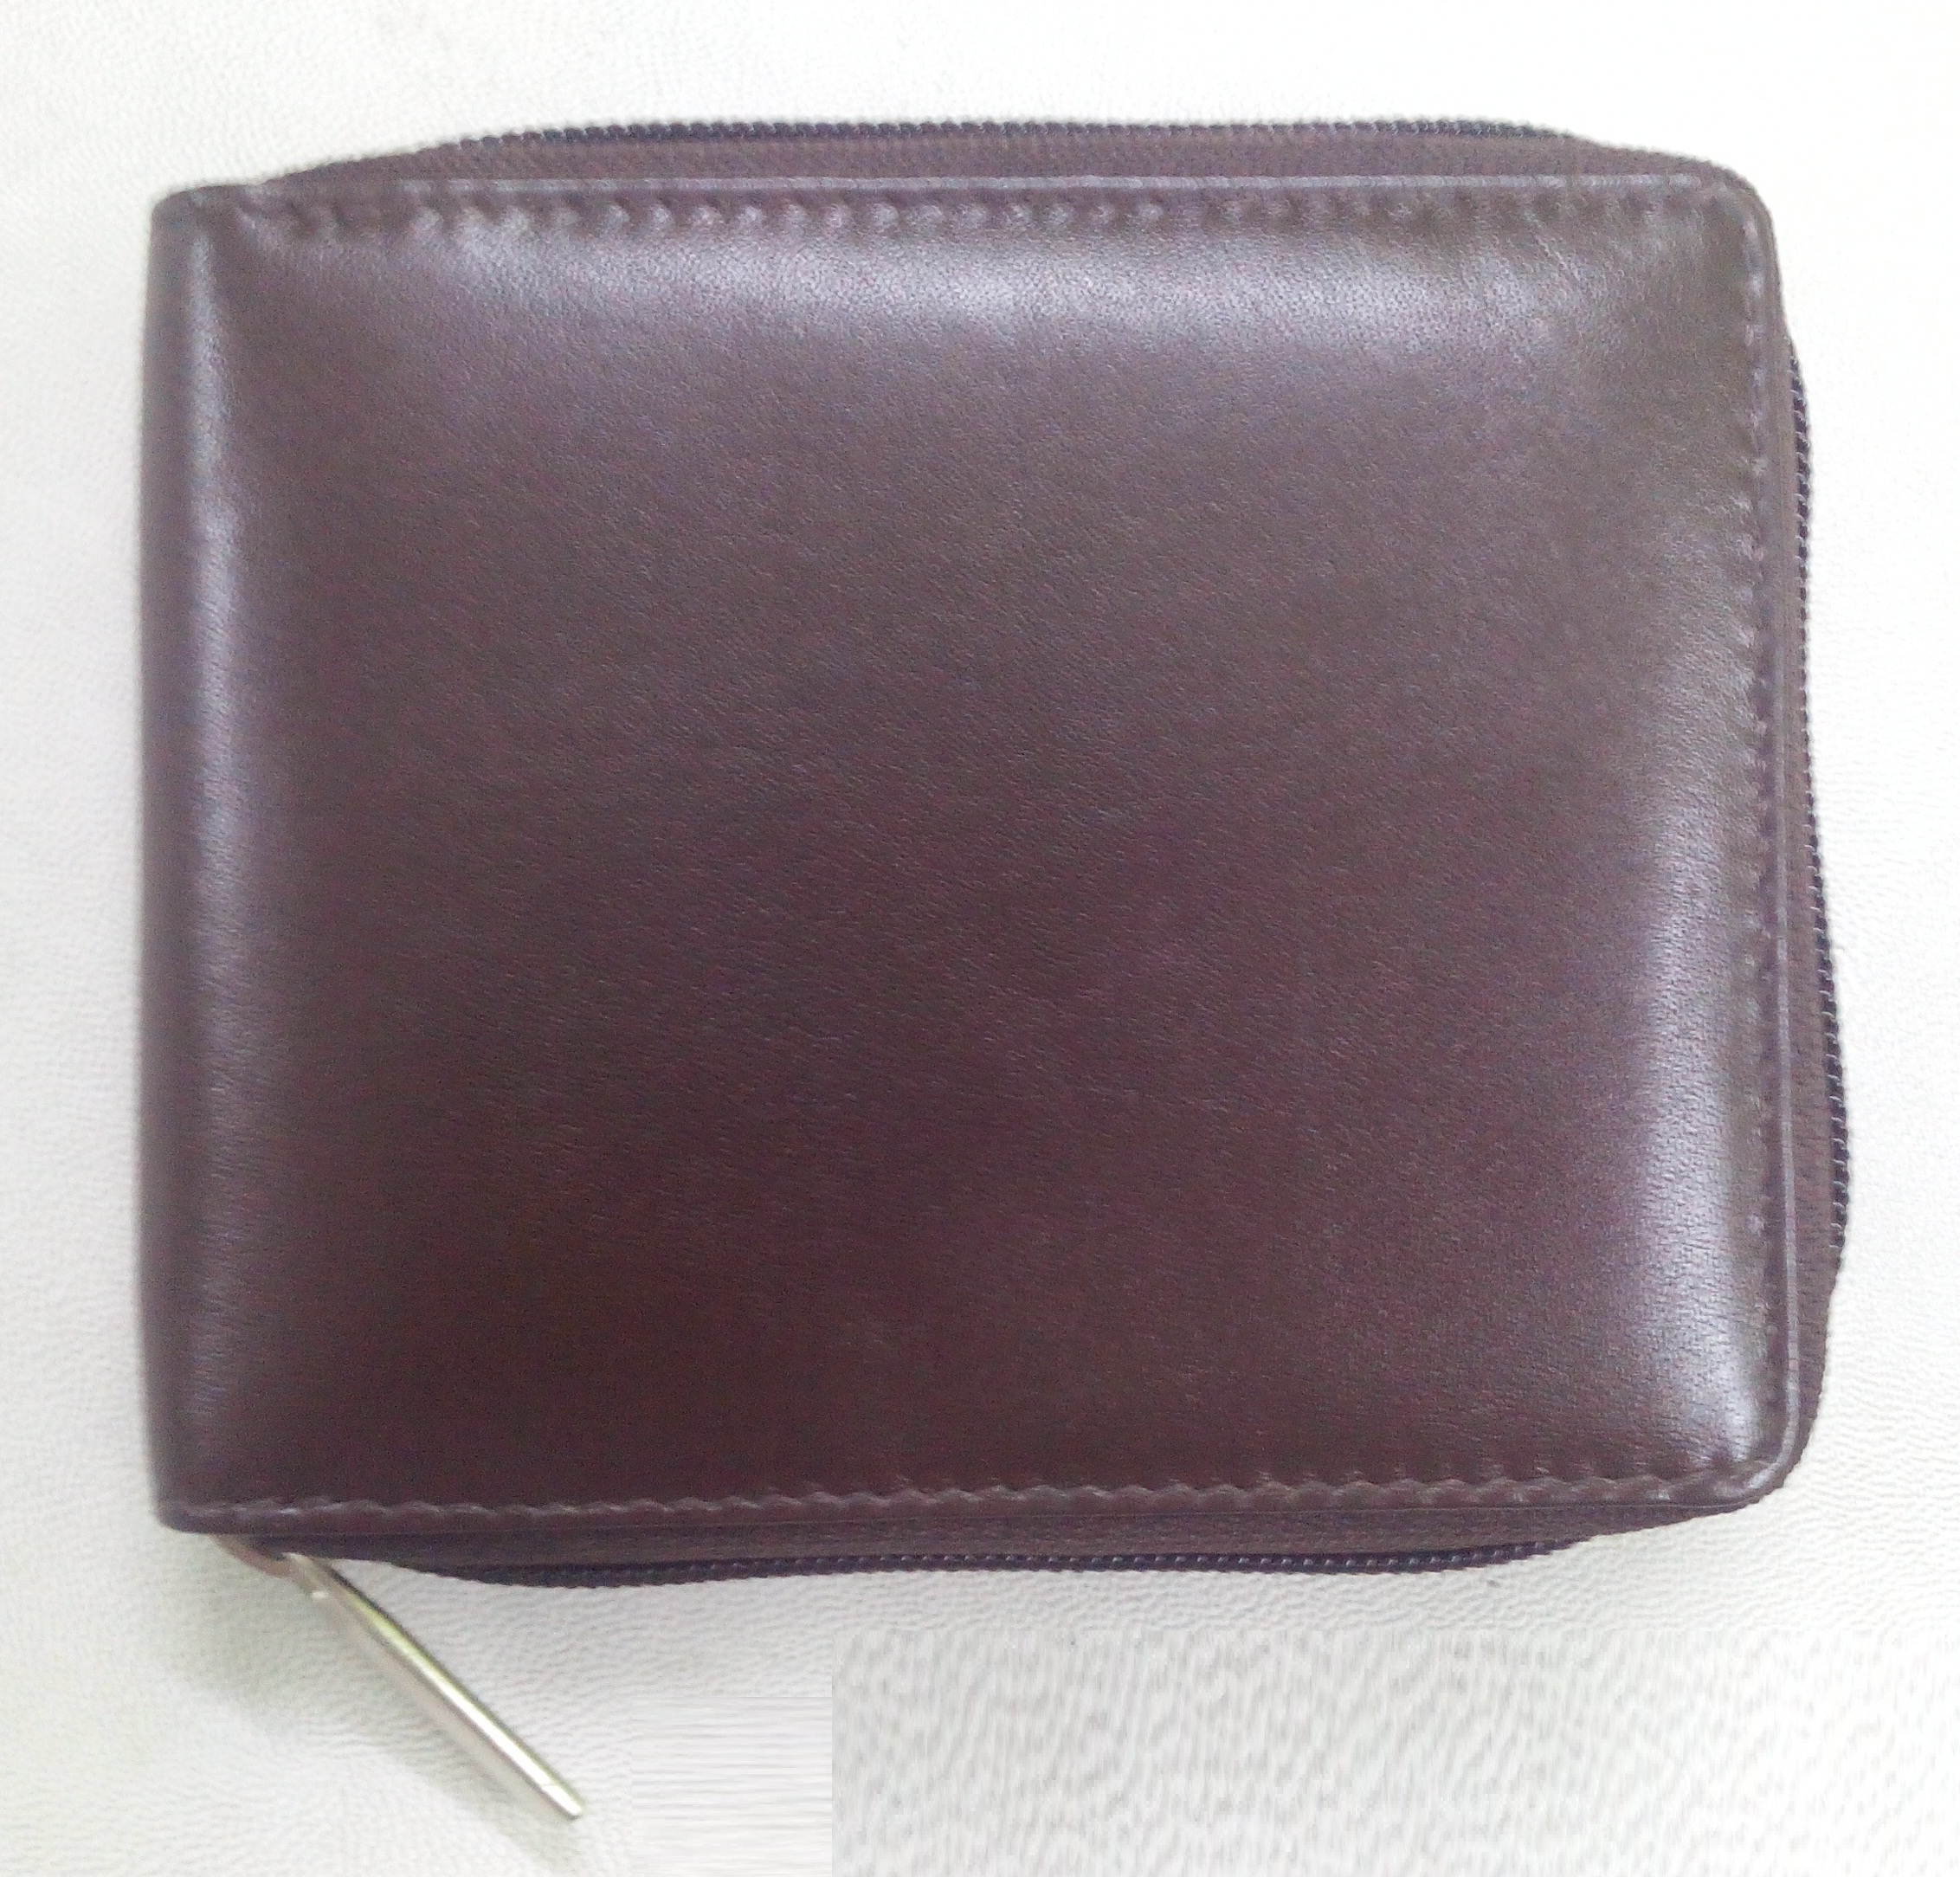 Genuine Leather Round-zip Wallet